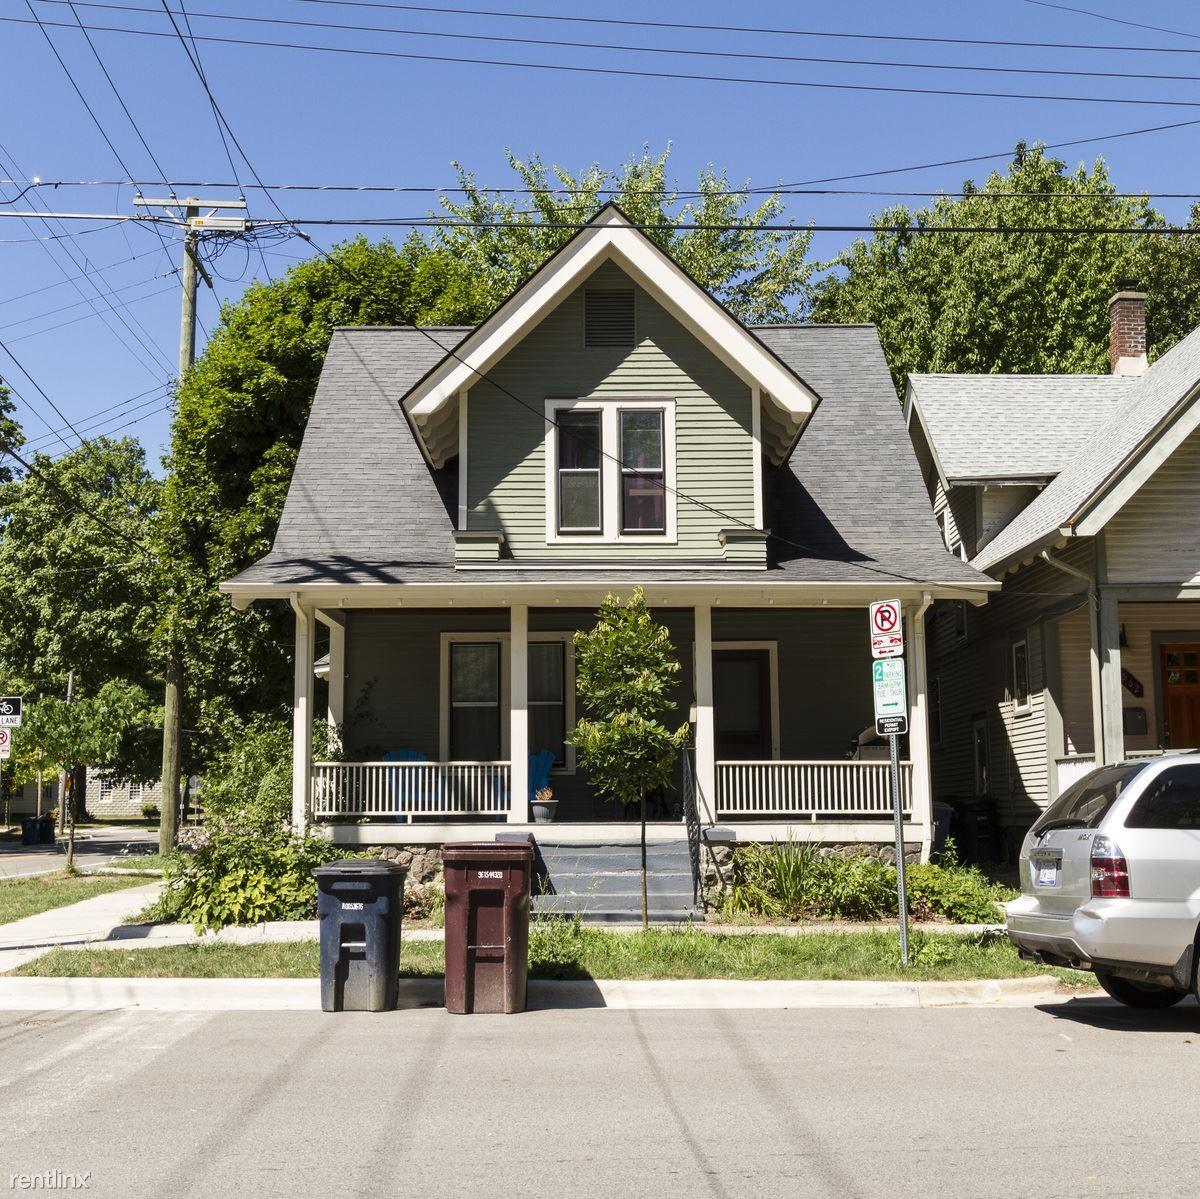 564 S Ashley St Ann Arbor Mi 48103 3 Bedroom House For